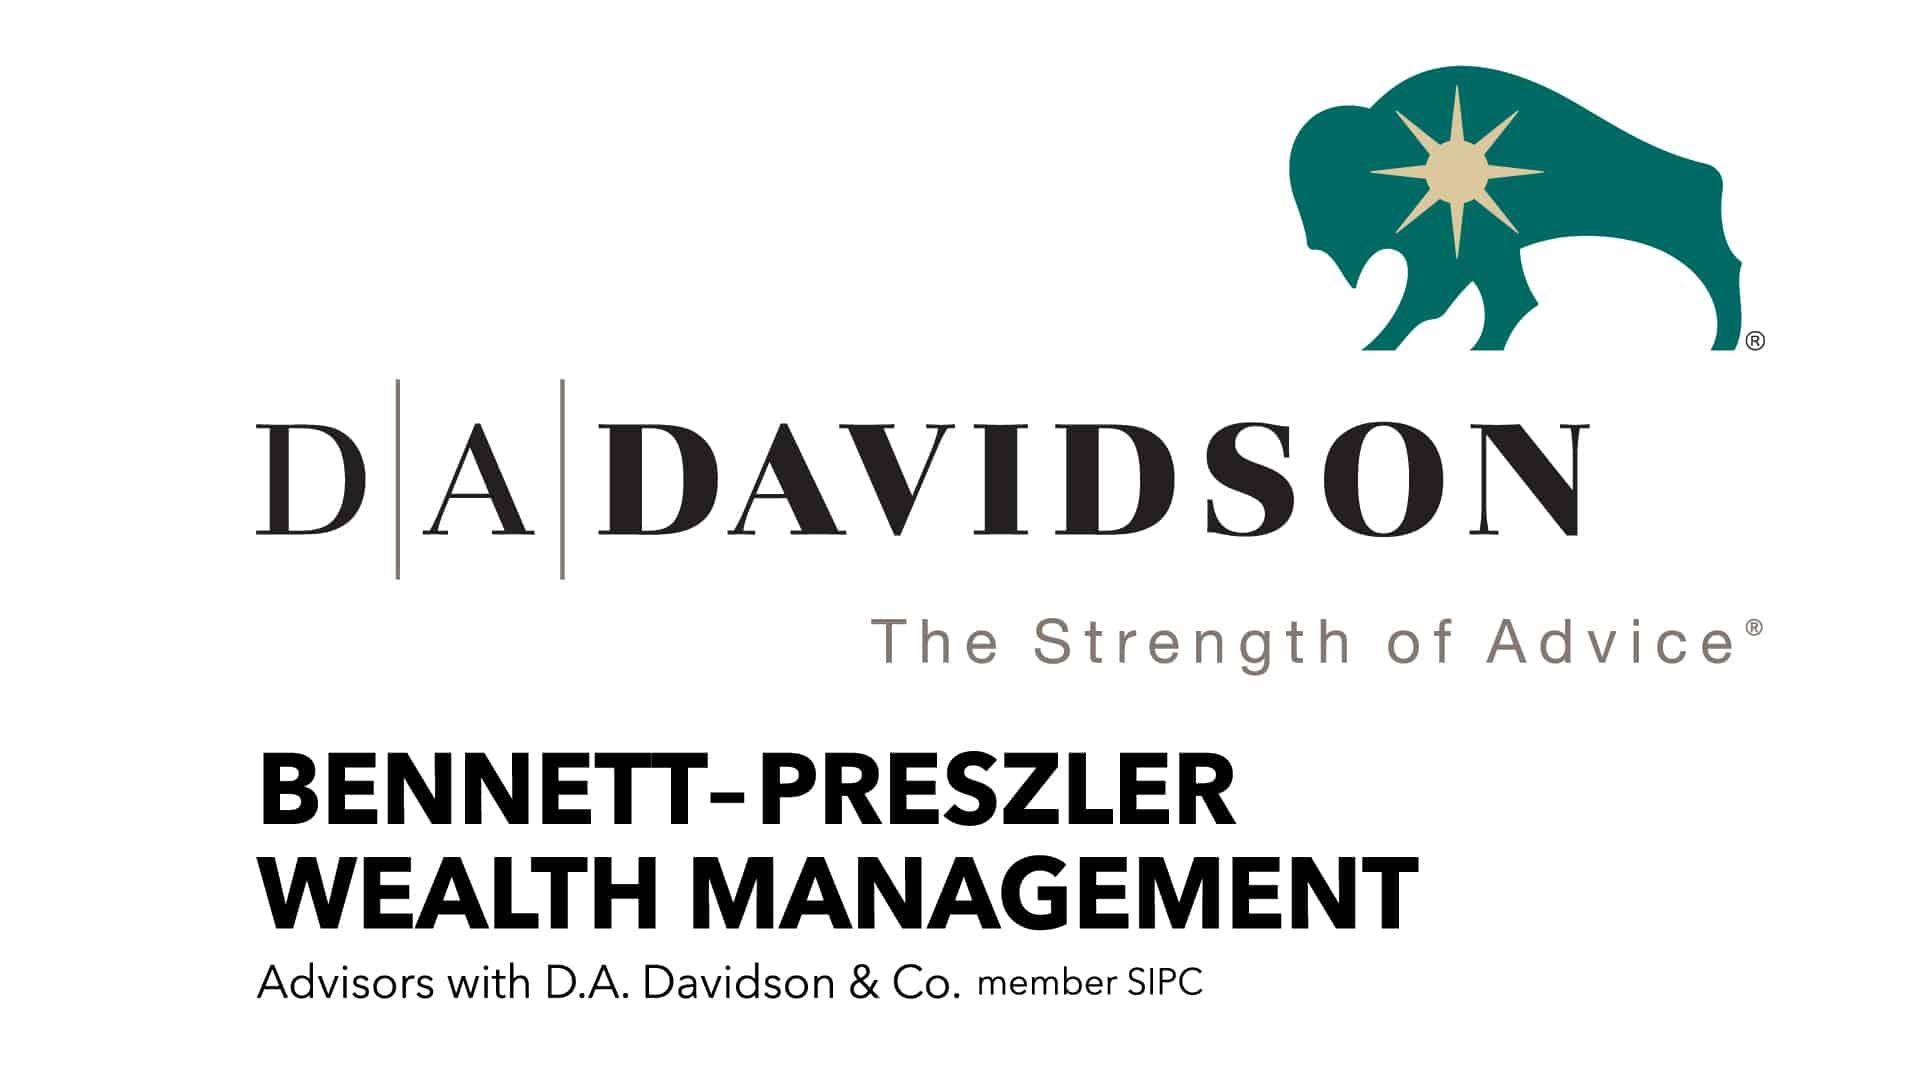 Bennett-Preszler Wealth Management